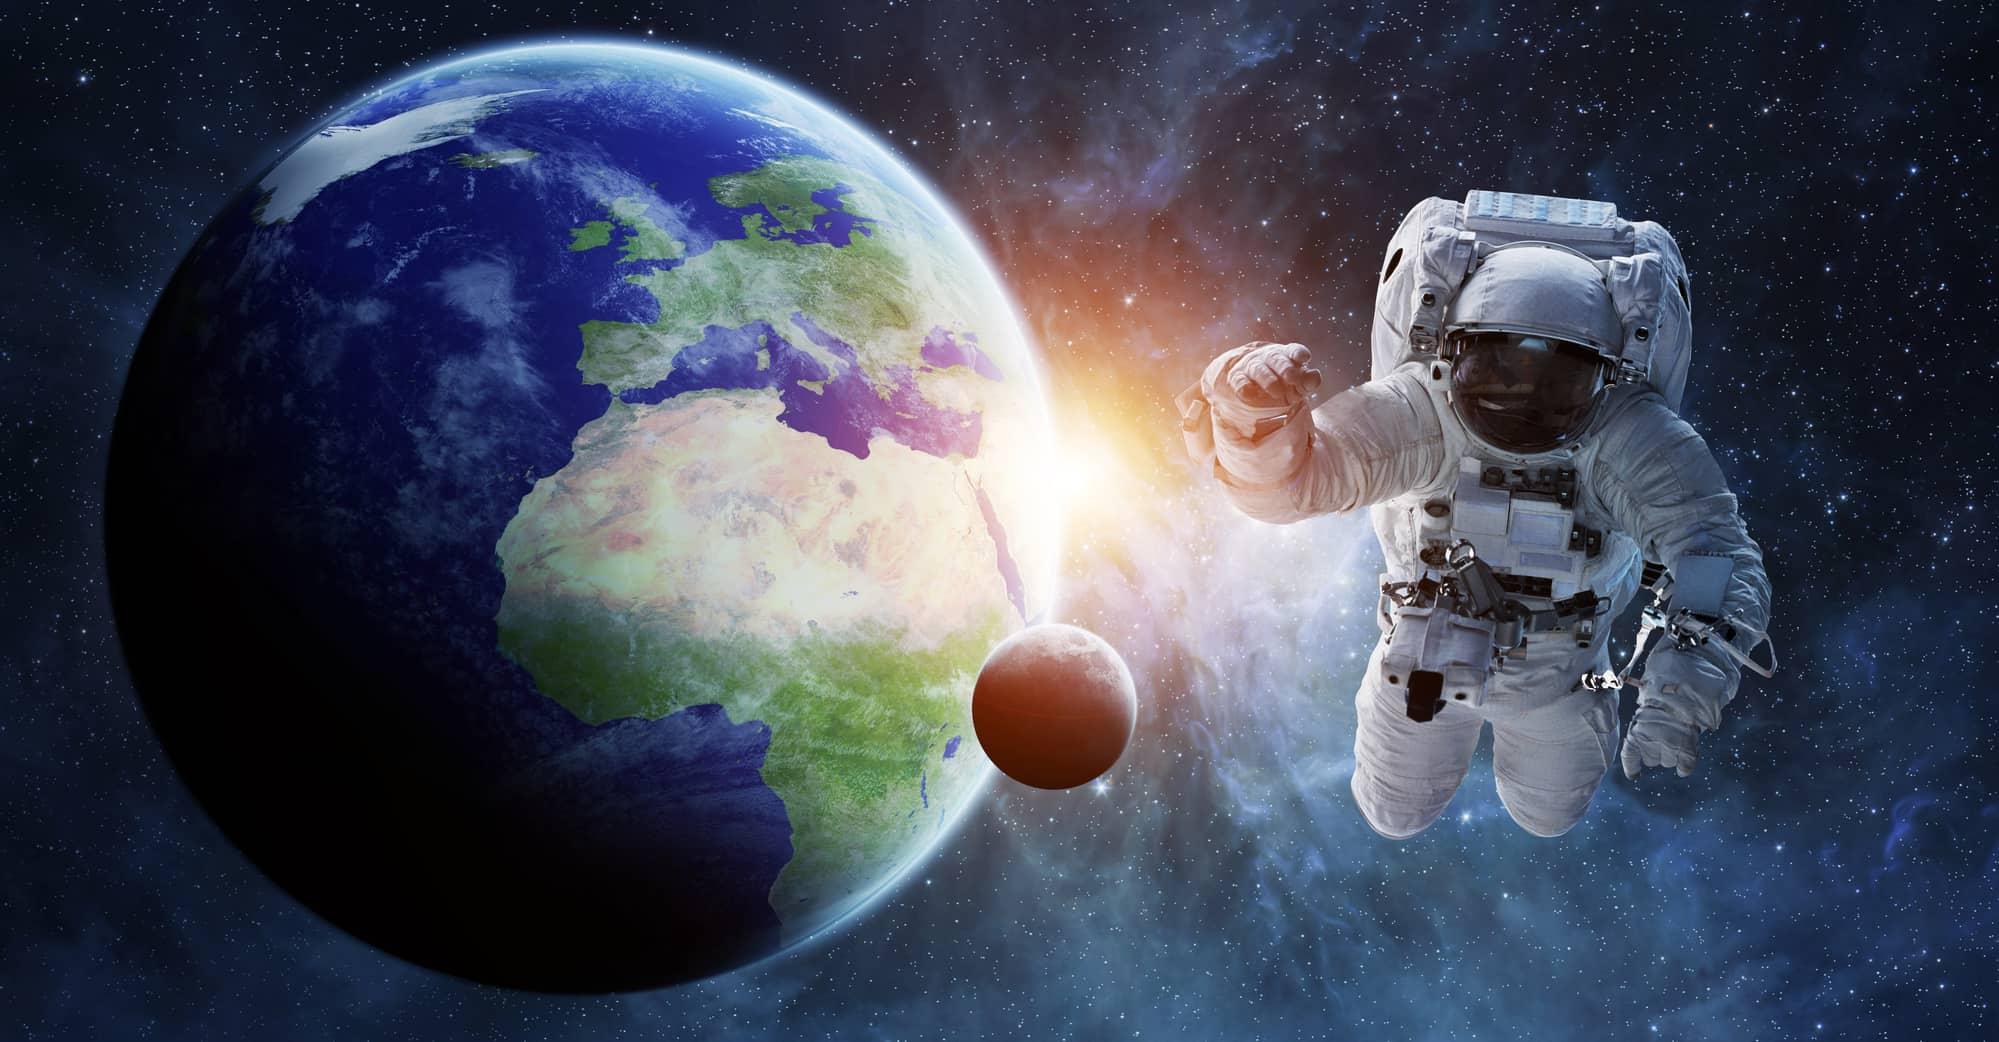 Il futuro dell'esplorazione spaziale: un viaggio Terra-Marte (passando per la Luna)